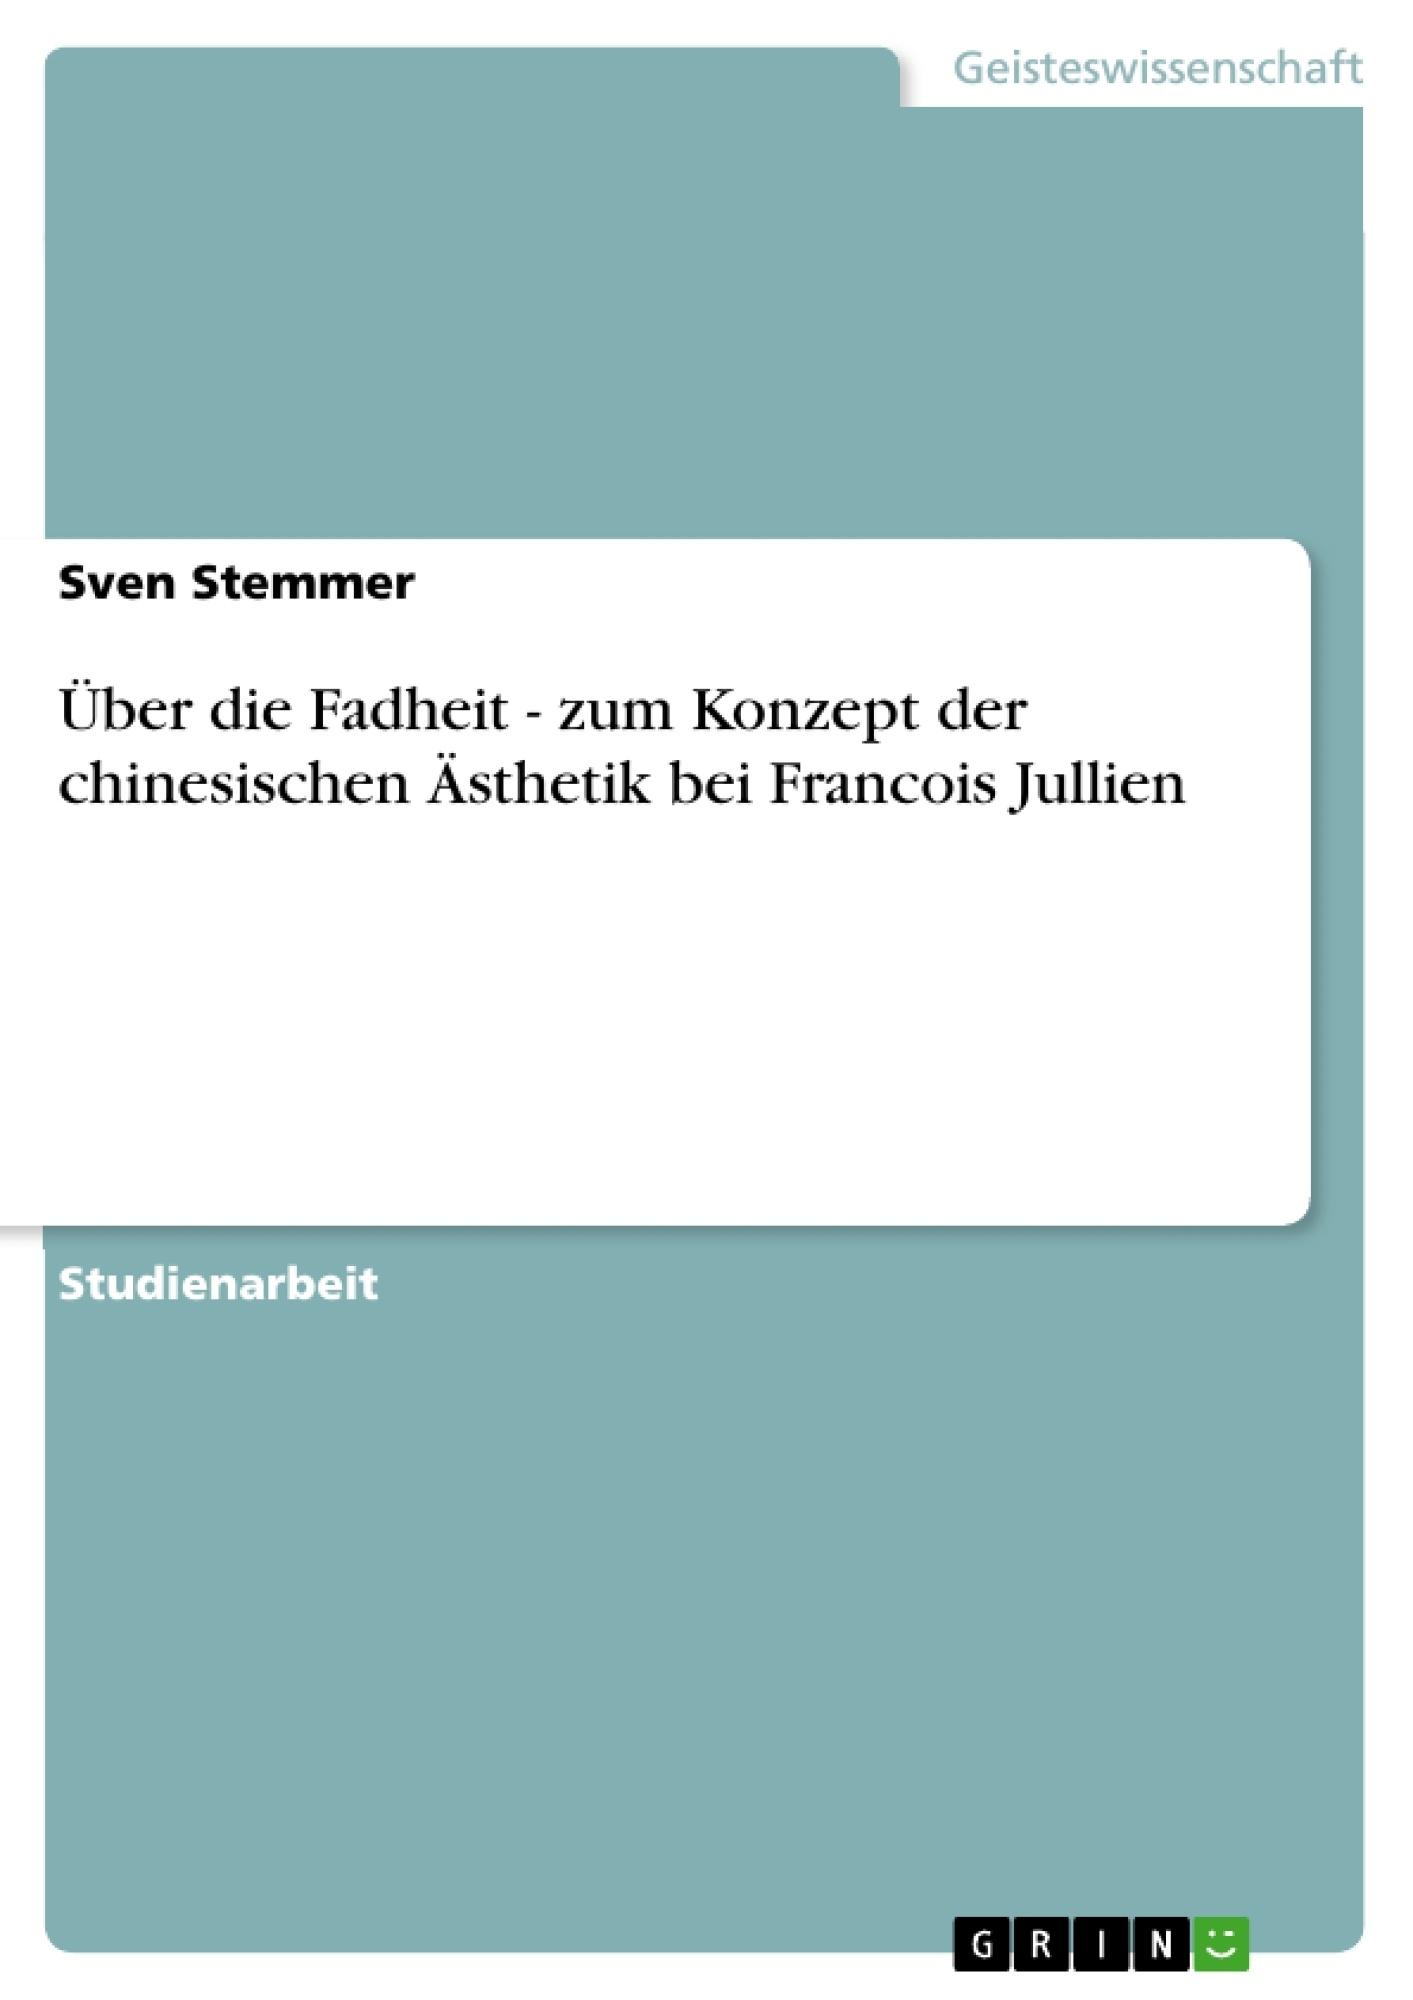 Titel: Über die Fadheit - zum Konzept der chinesischen Ästhetik bei Francois Jullien